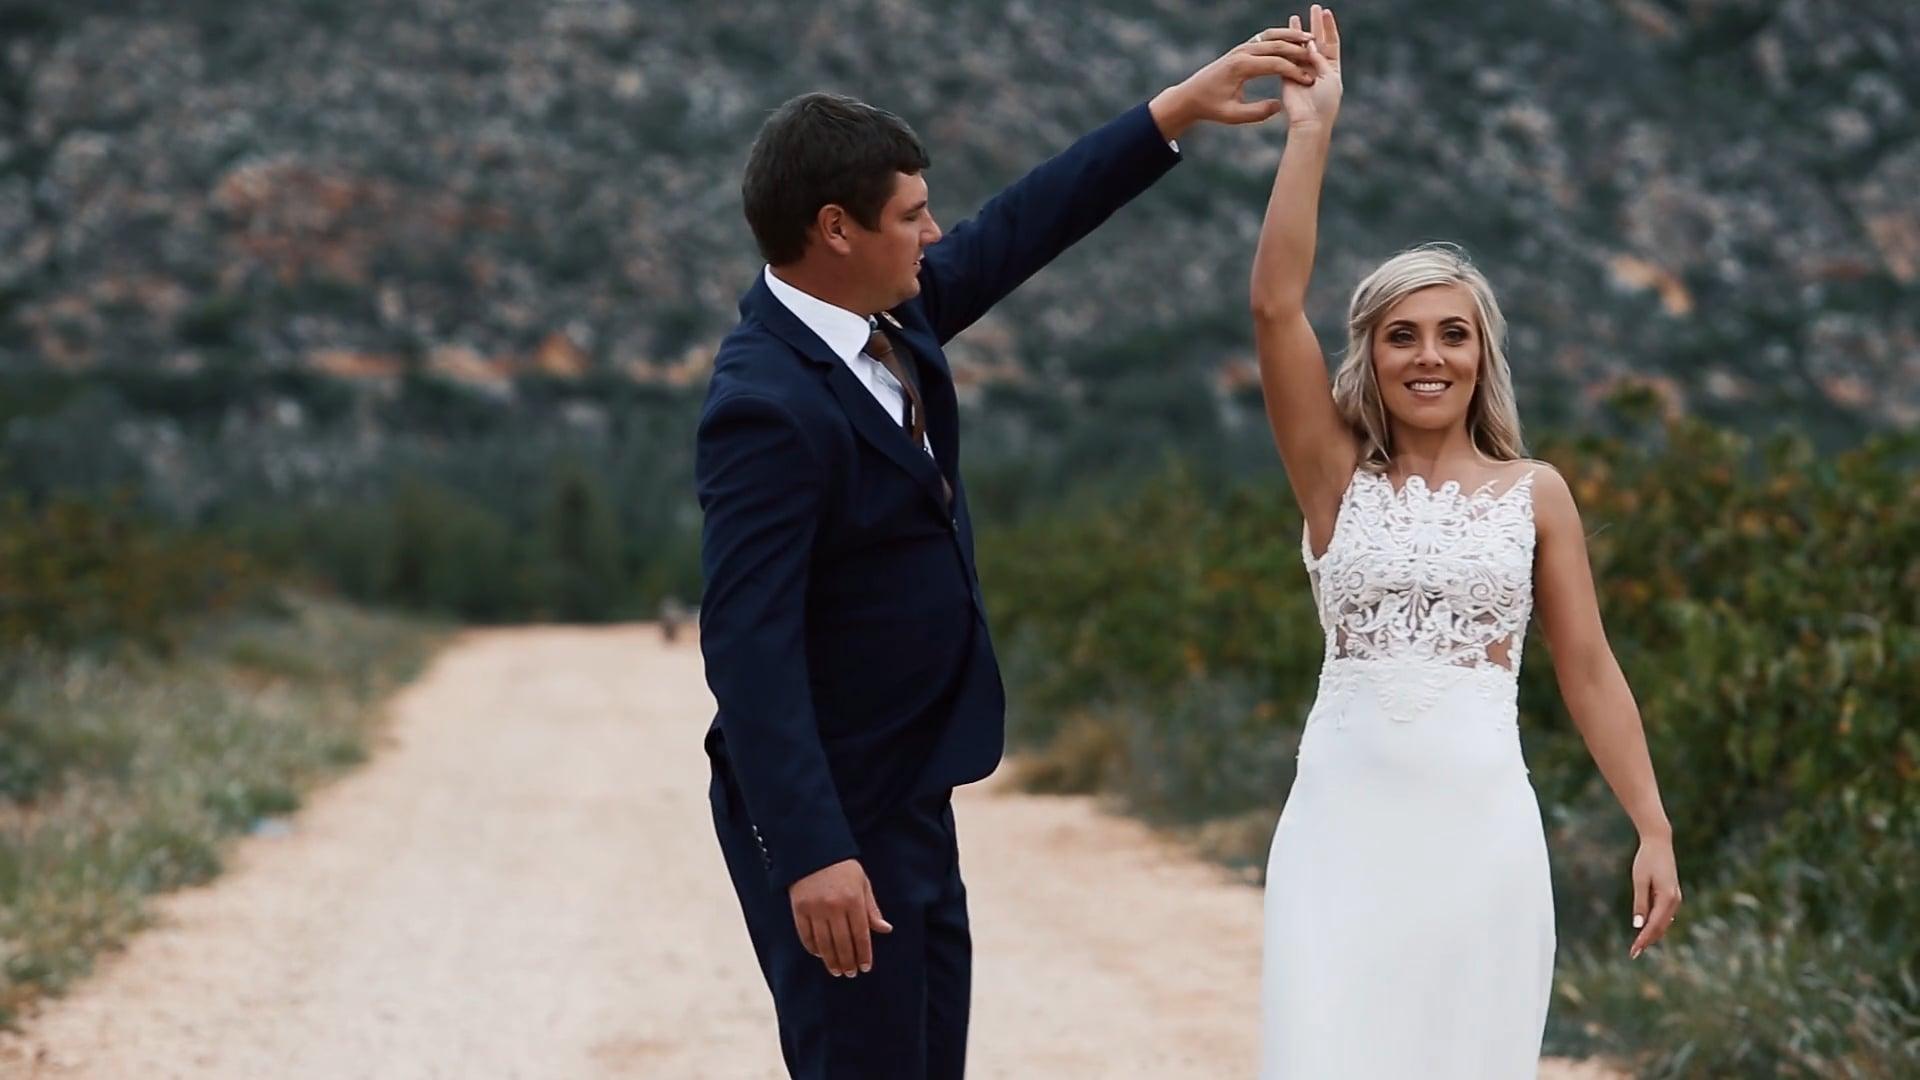 Emelius and Lizé wedding preview, Du Von Wine Estate, Robertson - 13 April 2019